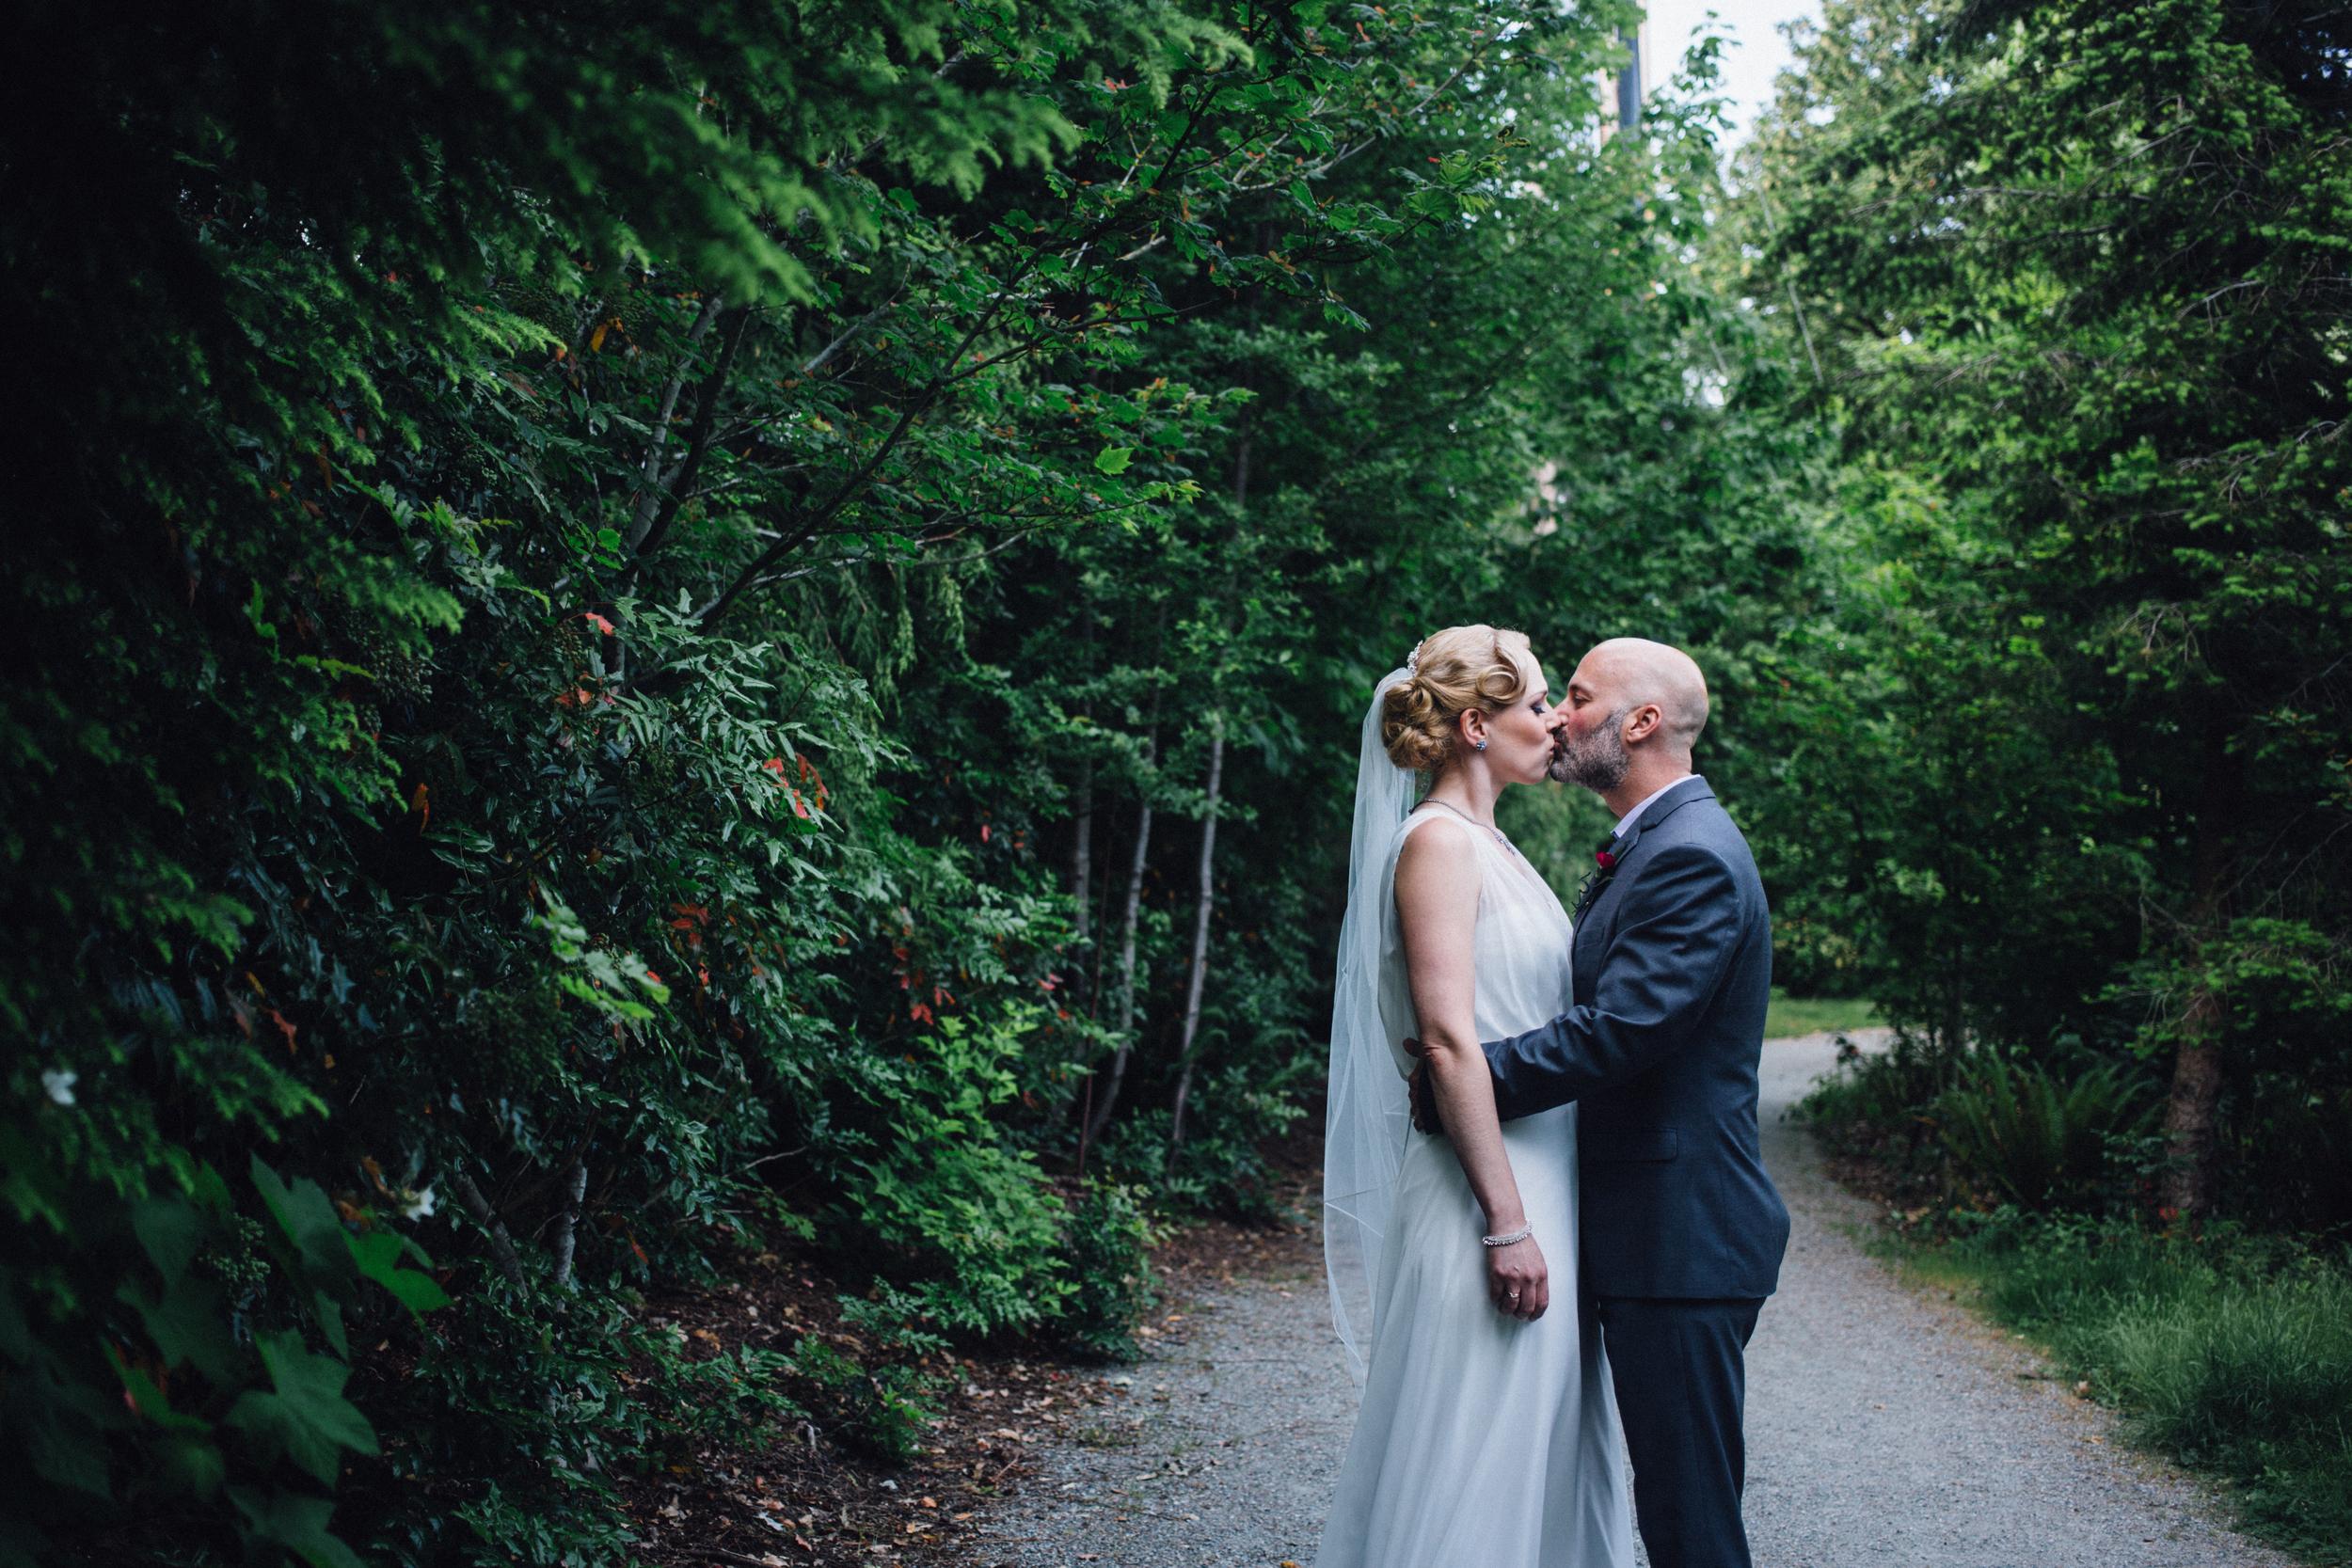 dogwoodphotography_photographer_vancouver_wedding_kimberley (93 of 180) - Copy.jpg